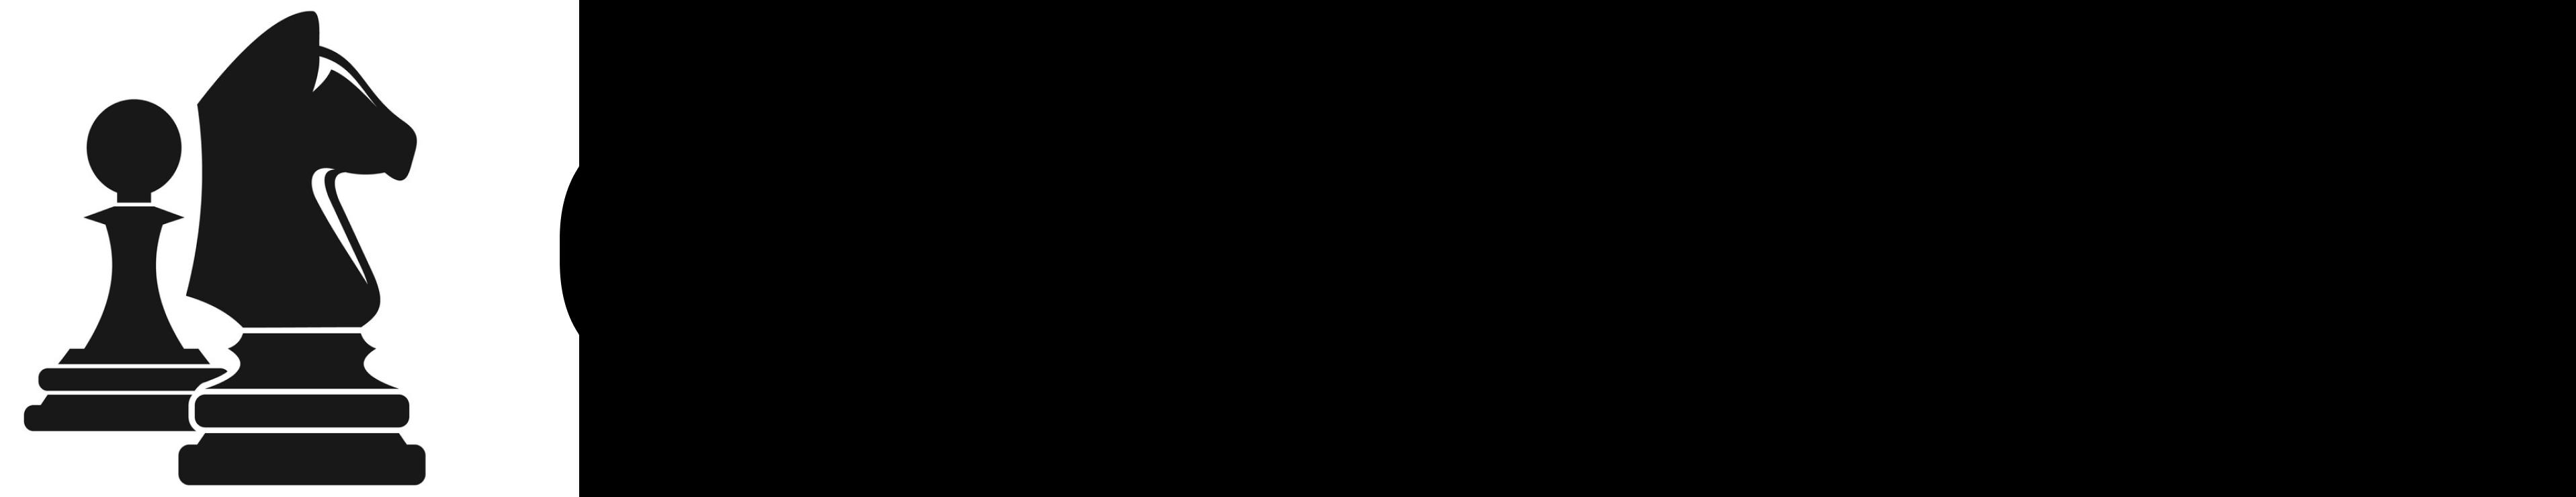 CHESSKG.COM